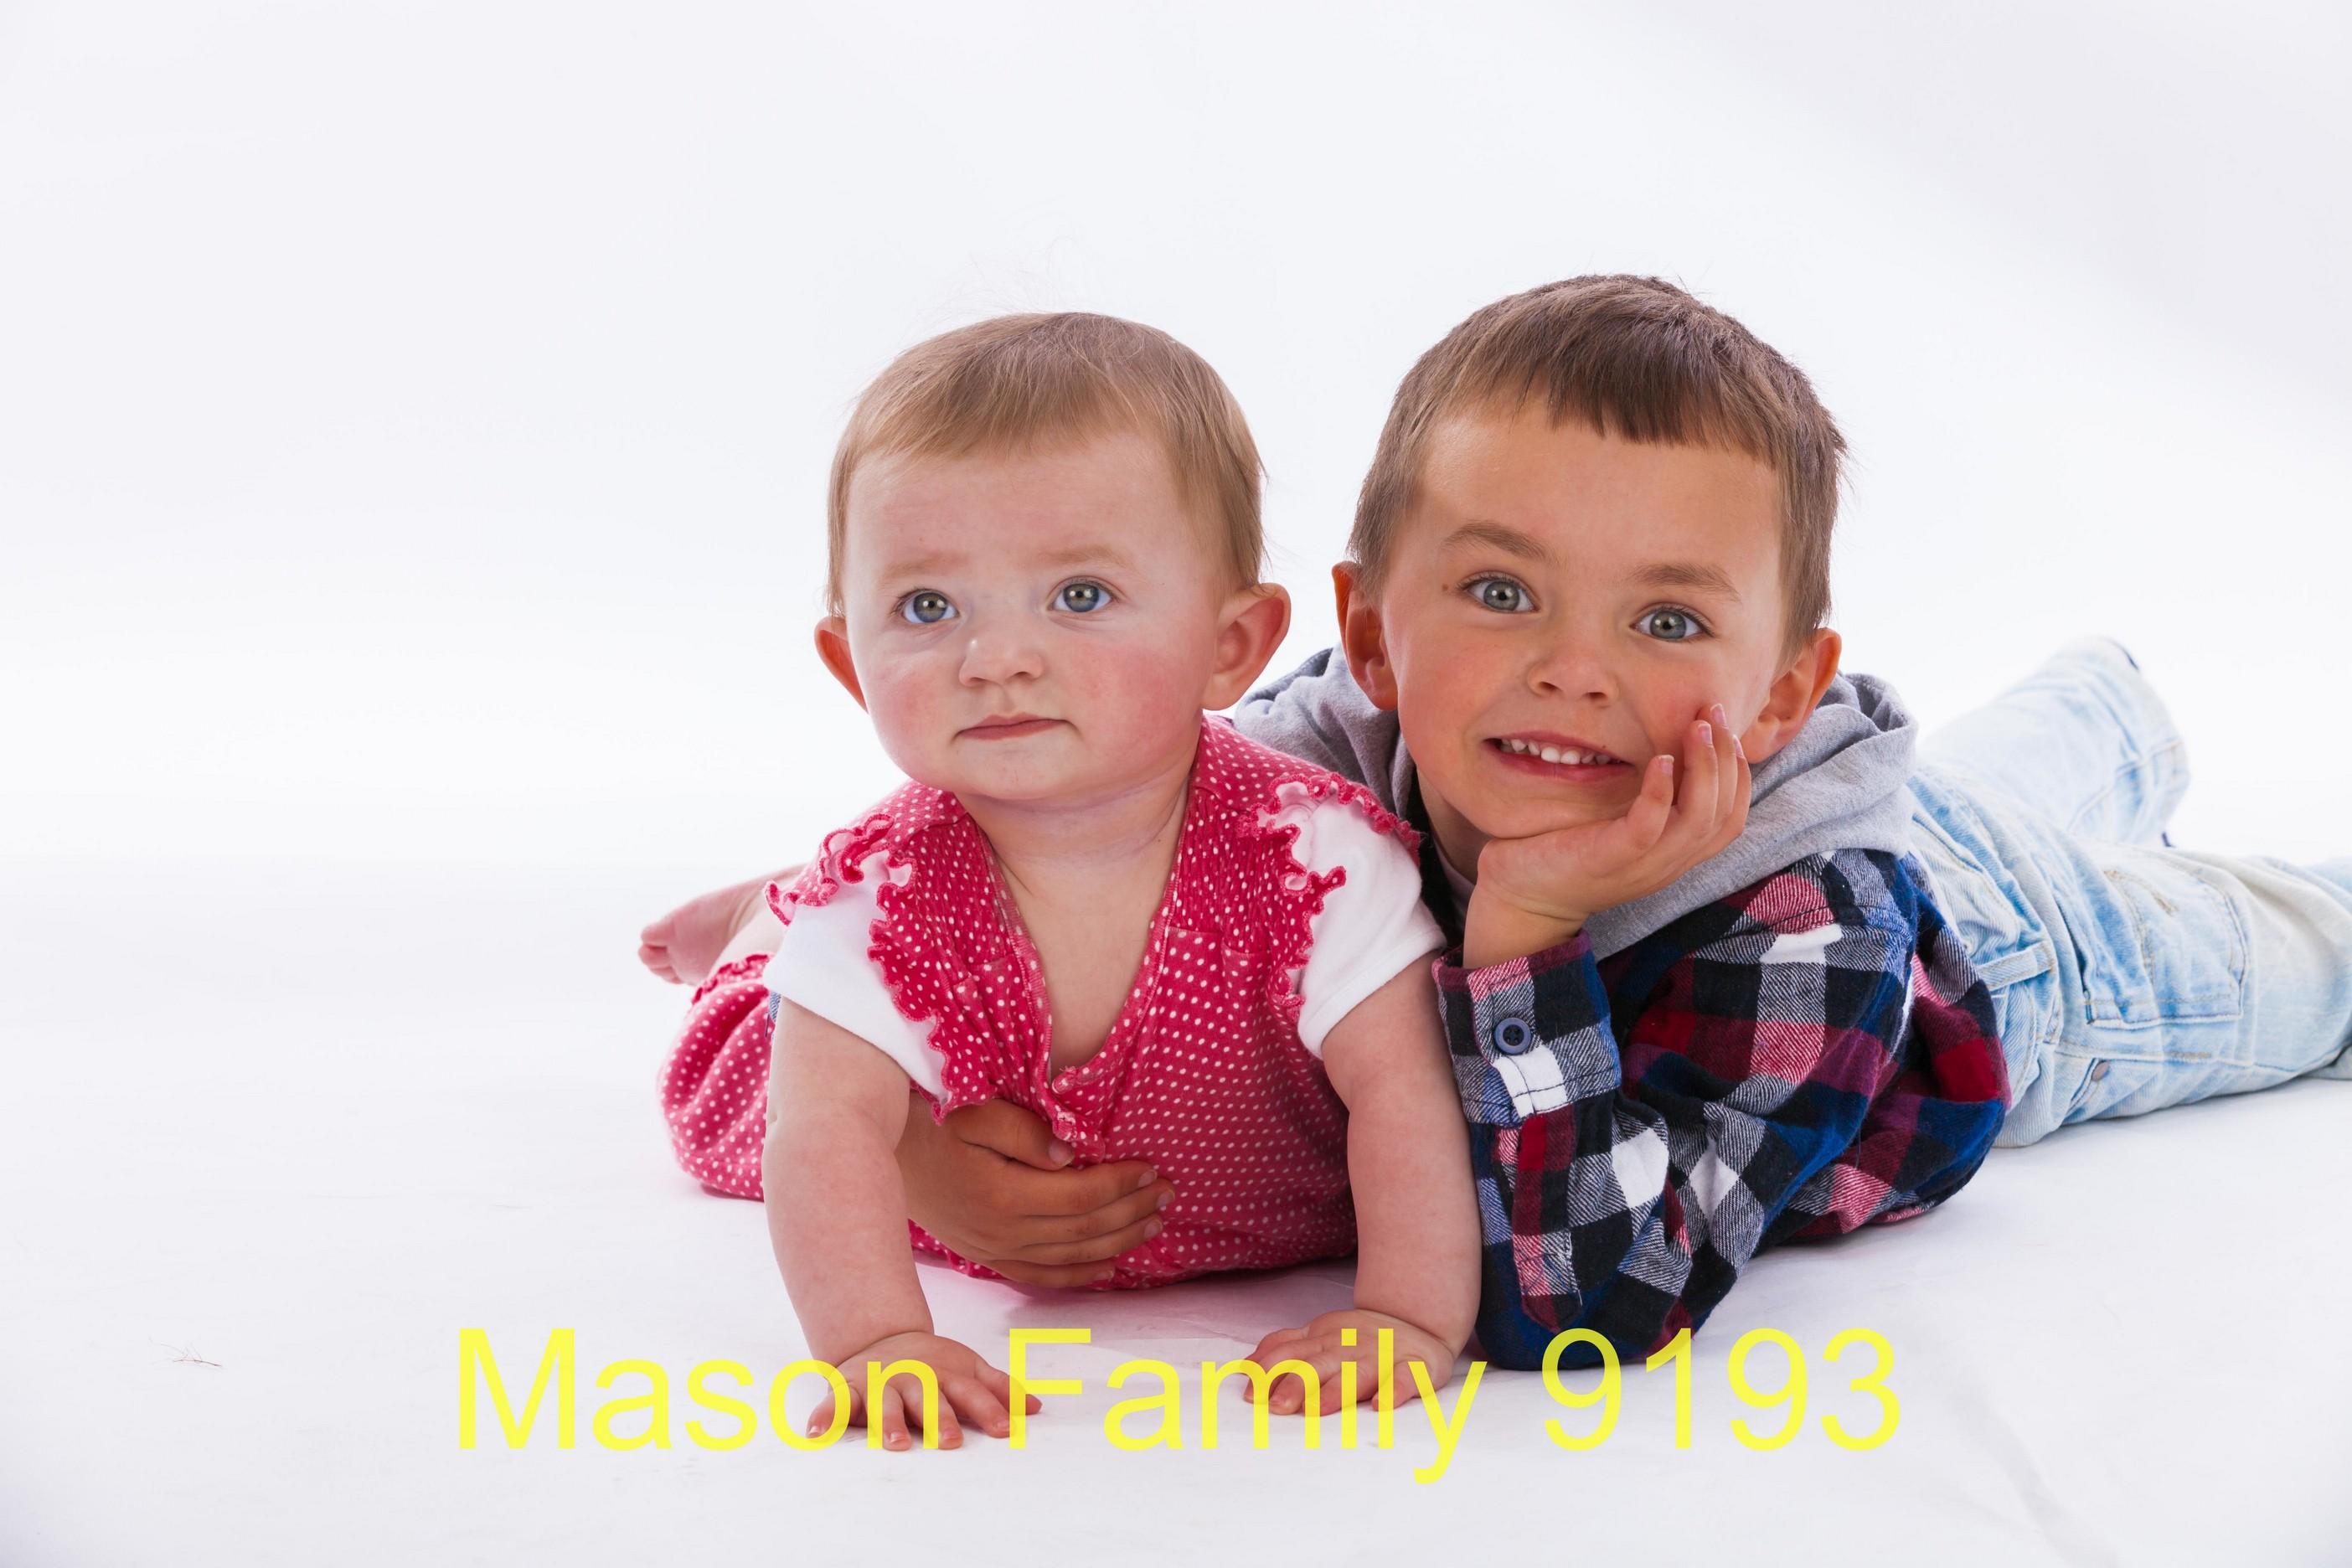 Mason Family 9193